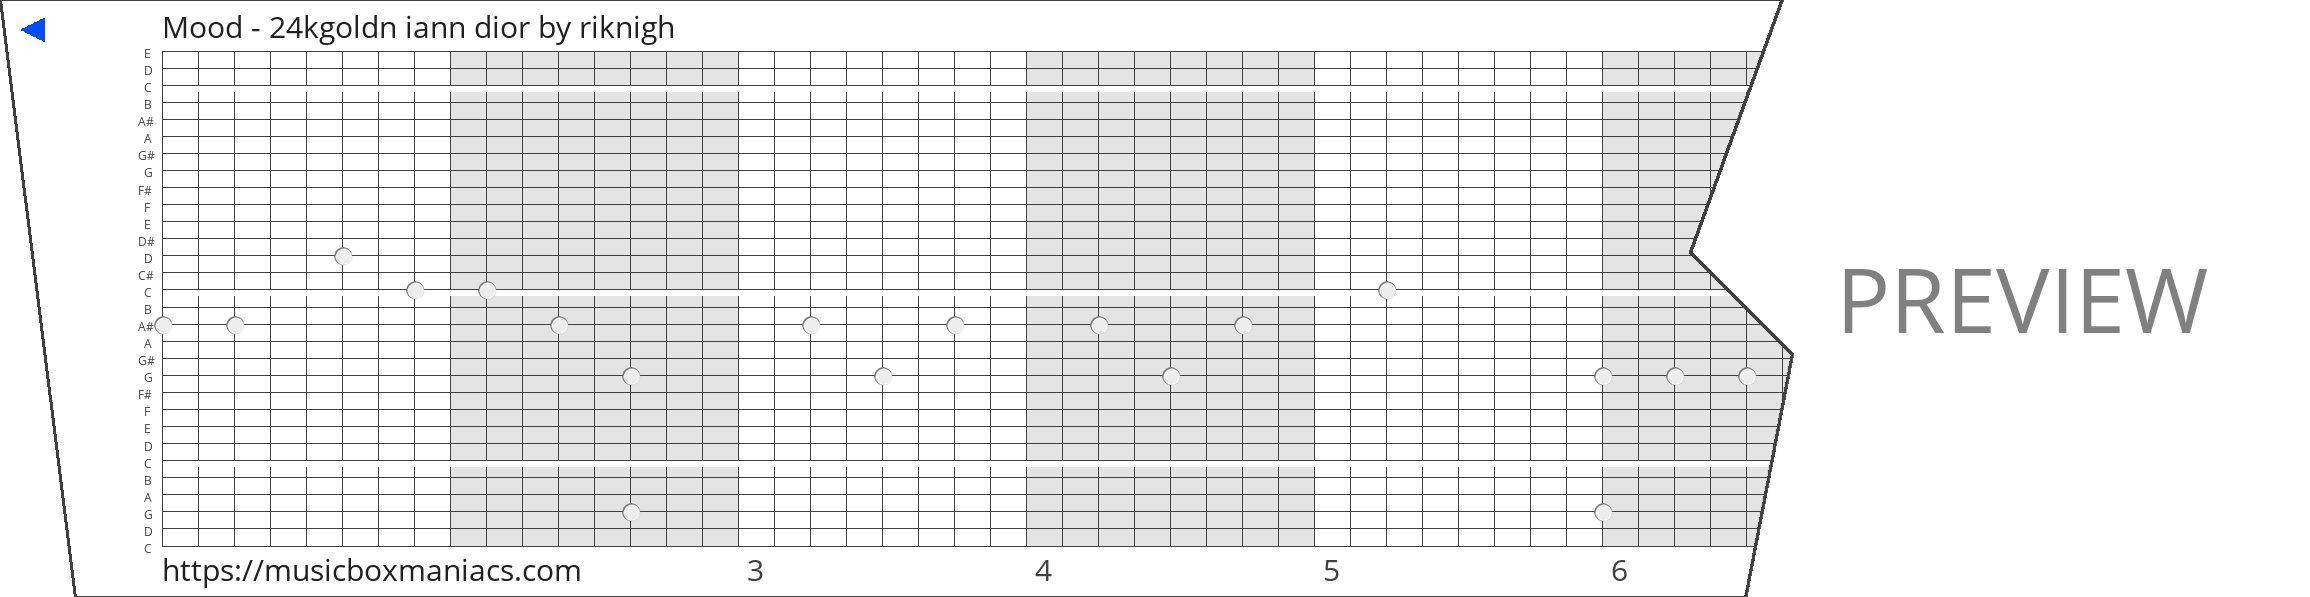 Mood - 24kgoldn iann dior 30 note music box paper strip